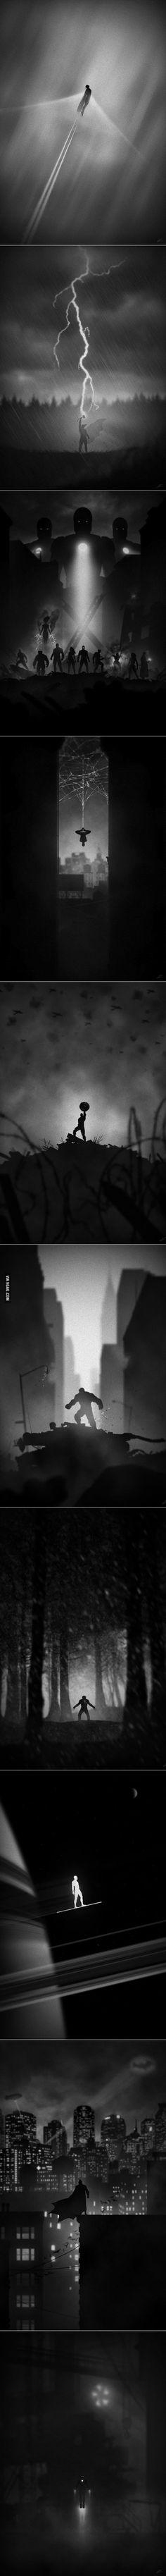 10 Eerie Superhero Posters the funniest new meme website